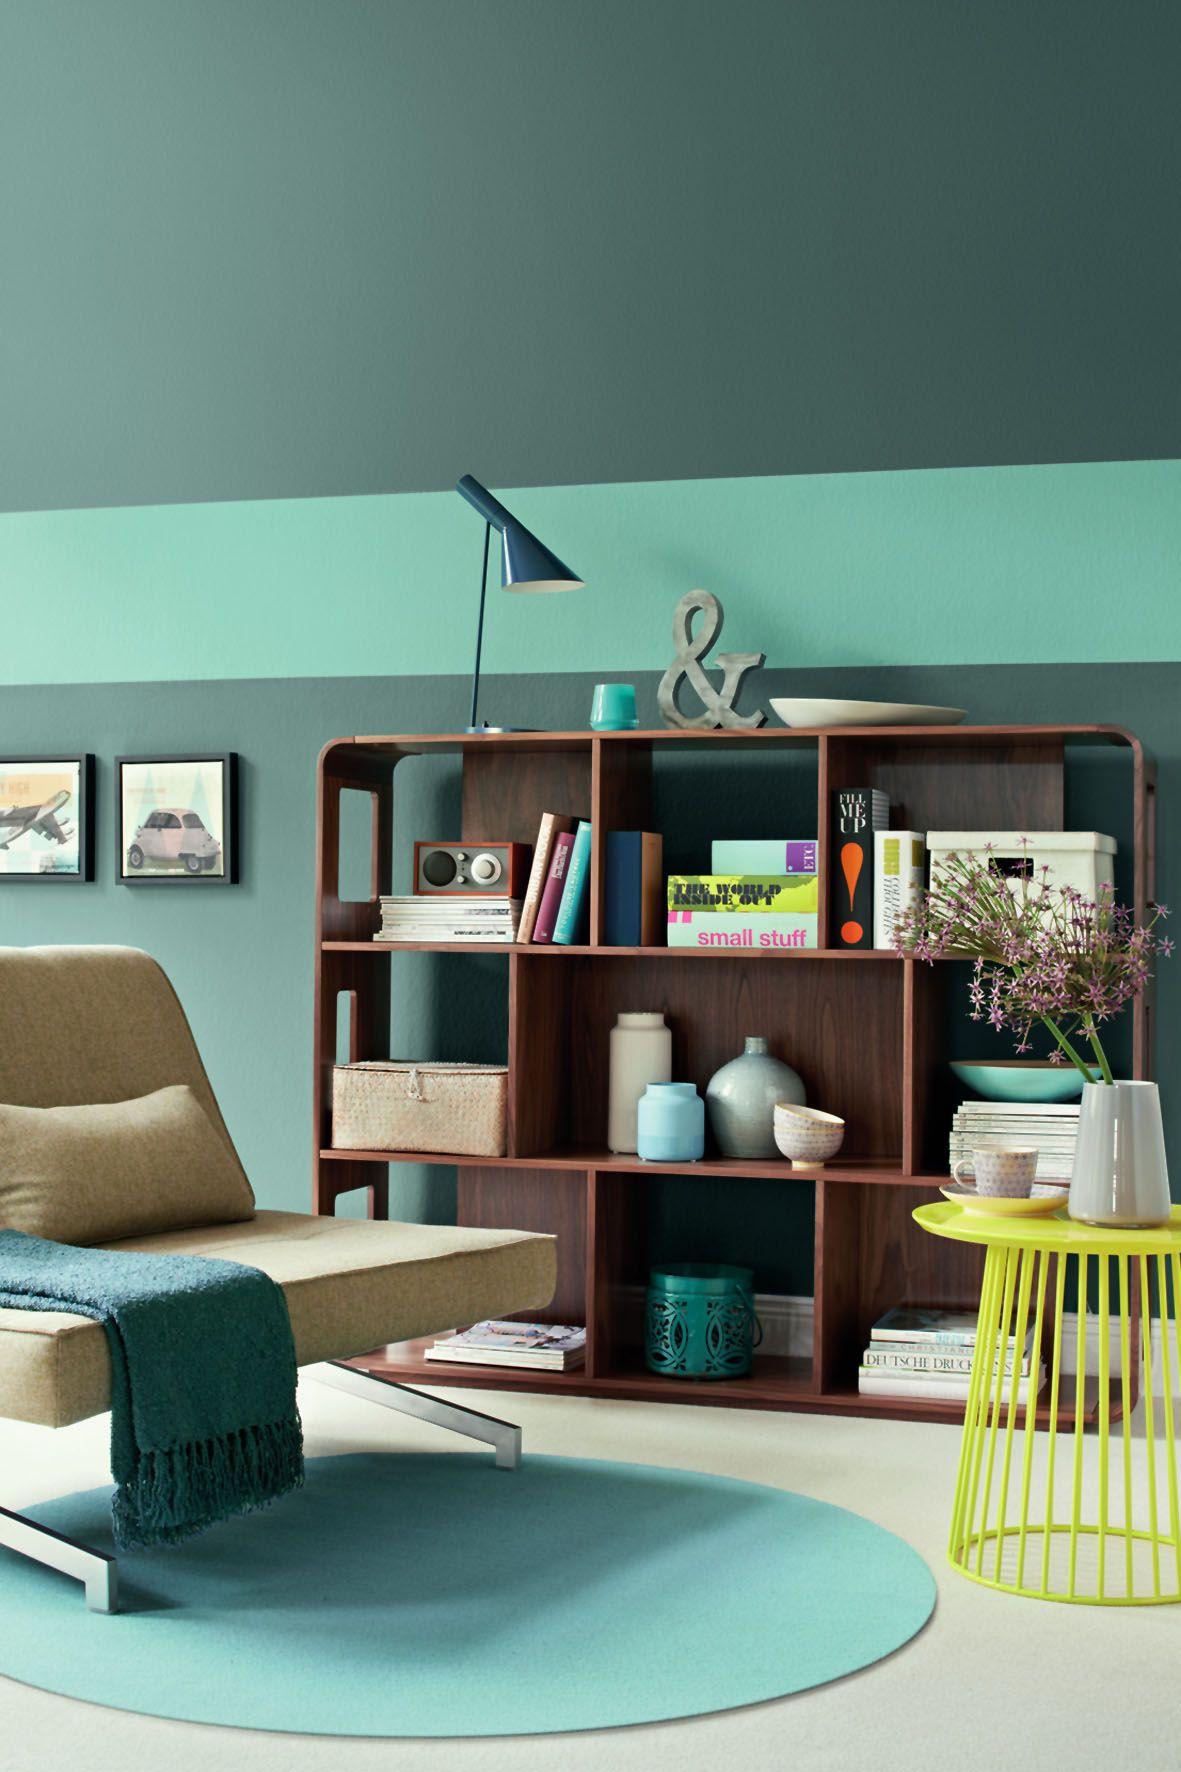 Schoner Wohnen Farbe Jade Con Imagenes Habitaciones Azules Interiores Habitacion